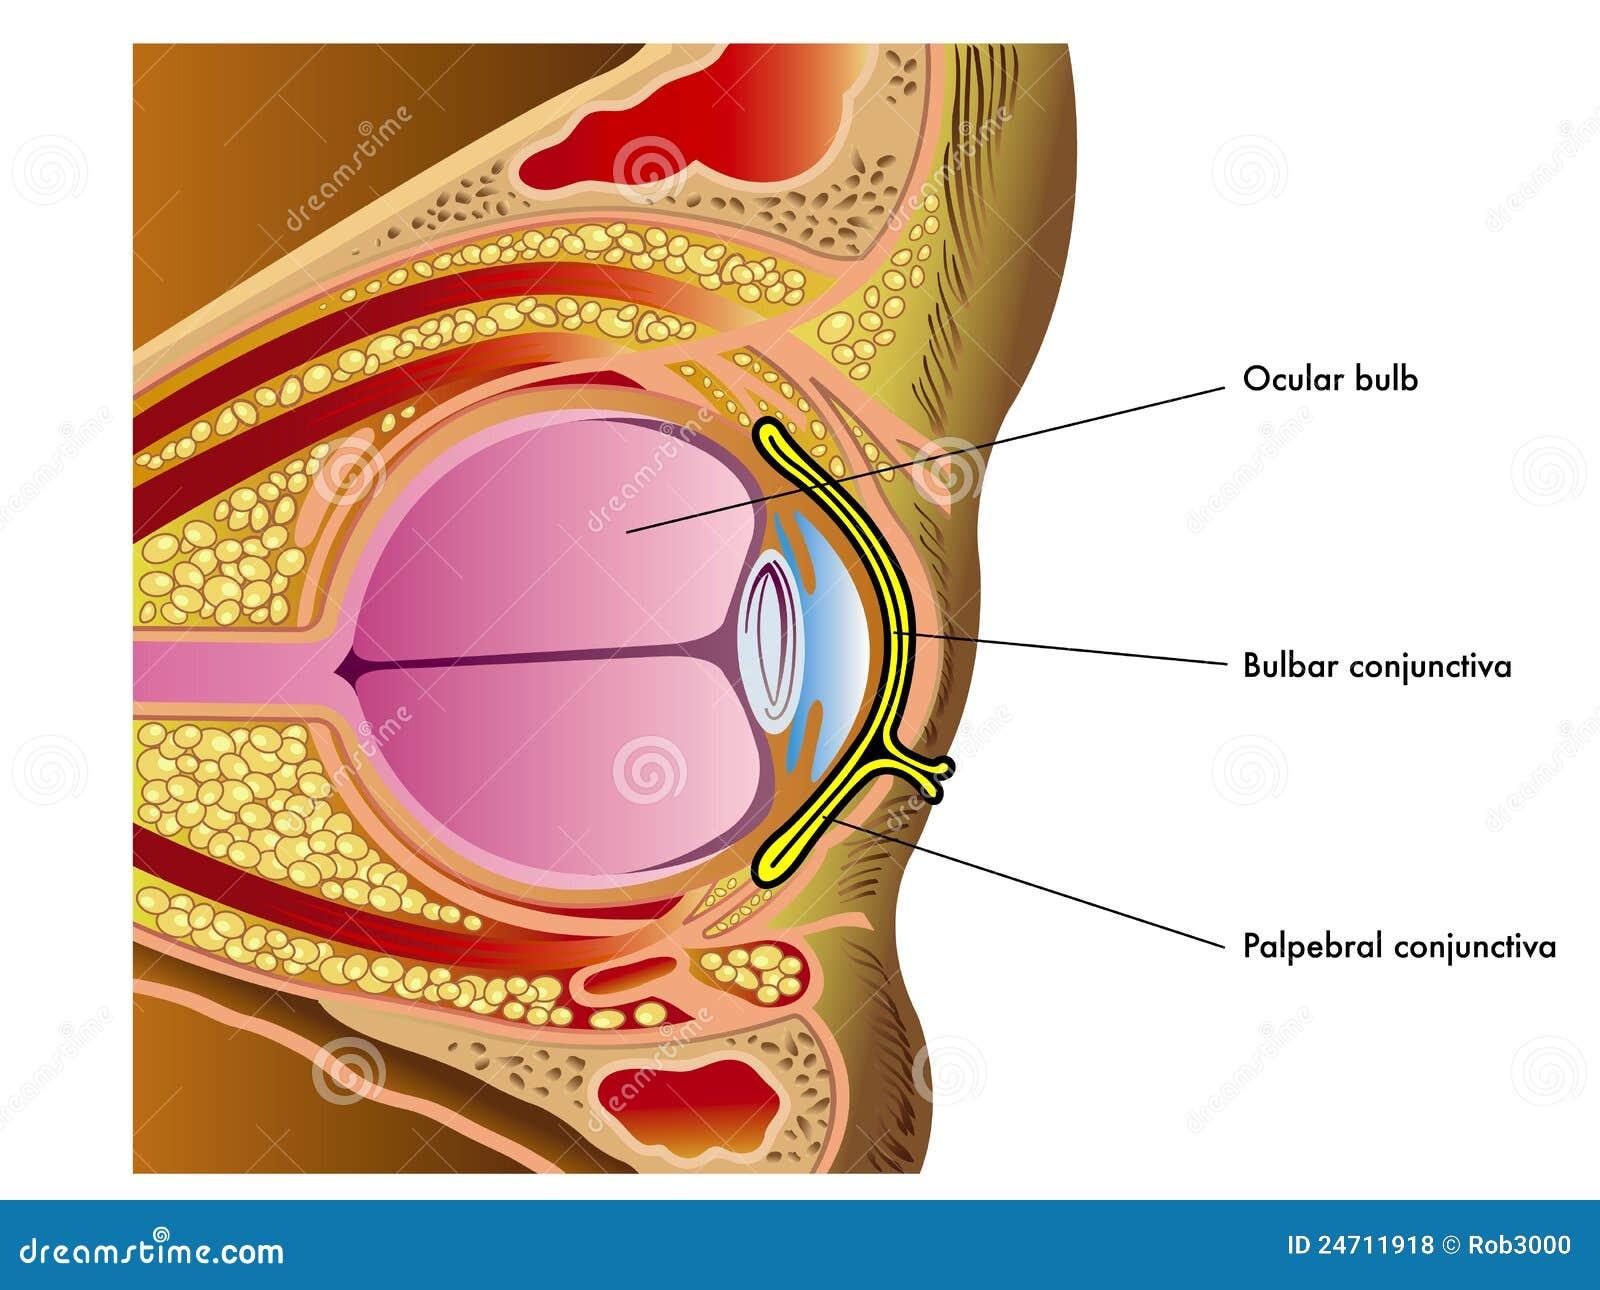 Conjuntiva ilustración del vector. Ilustración de retina - 24711918